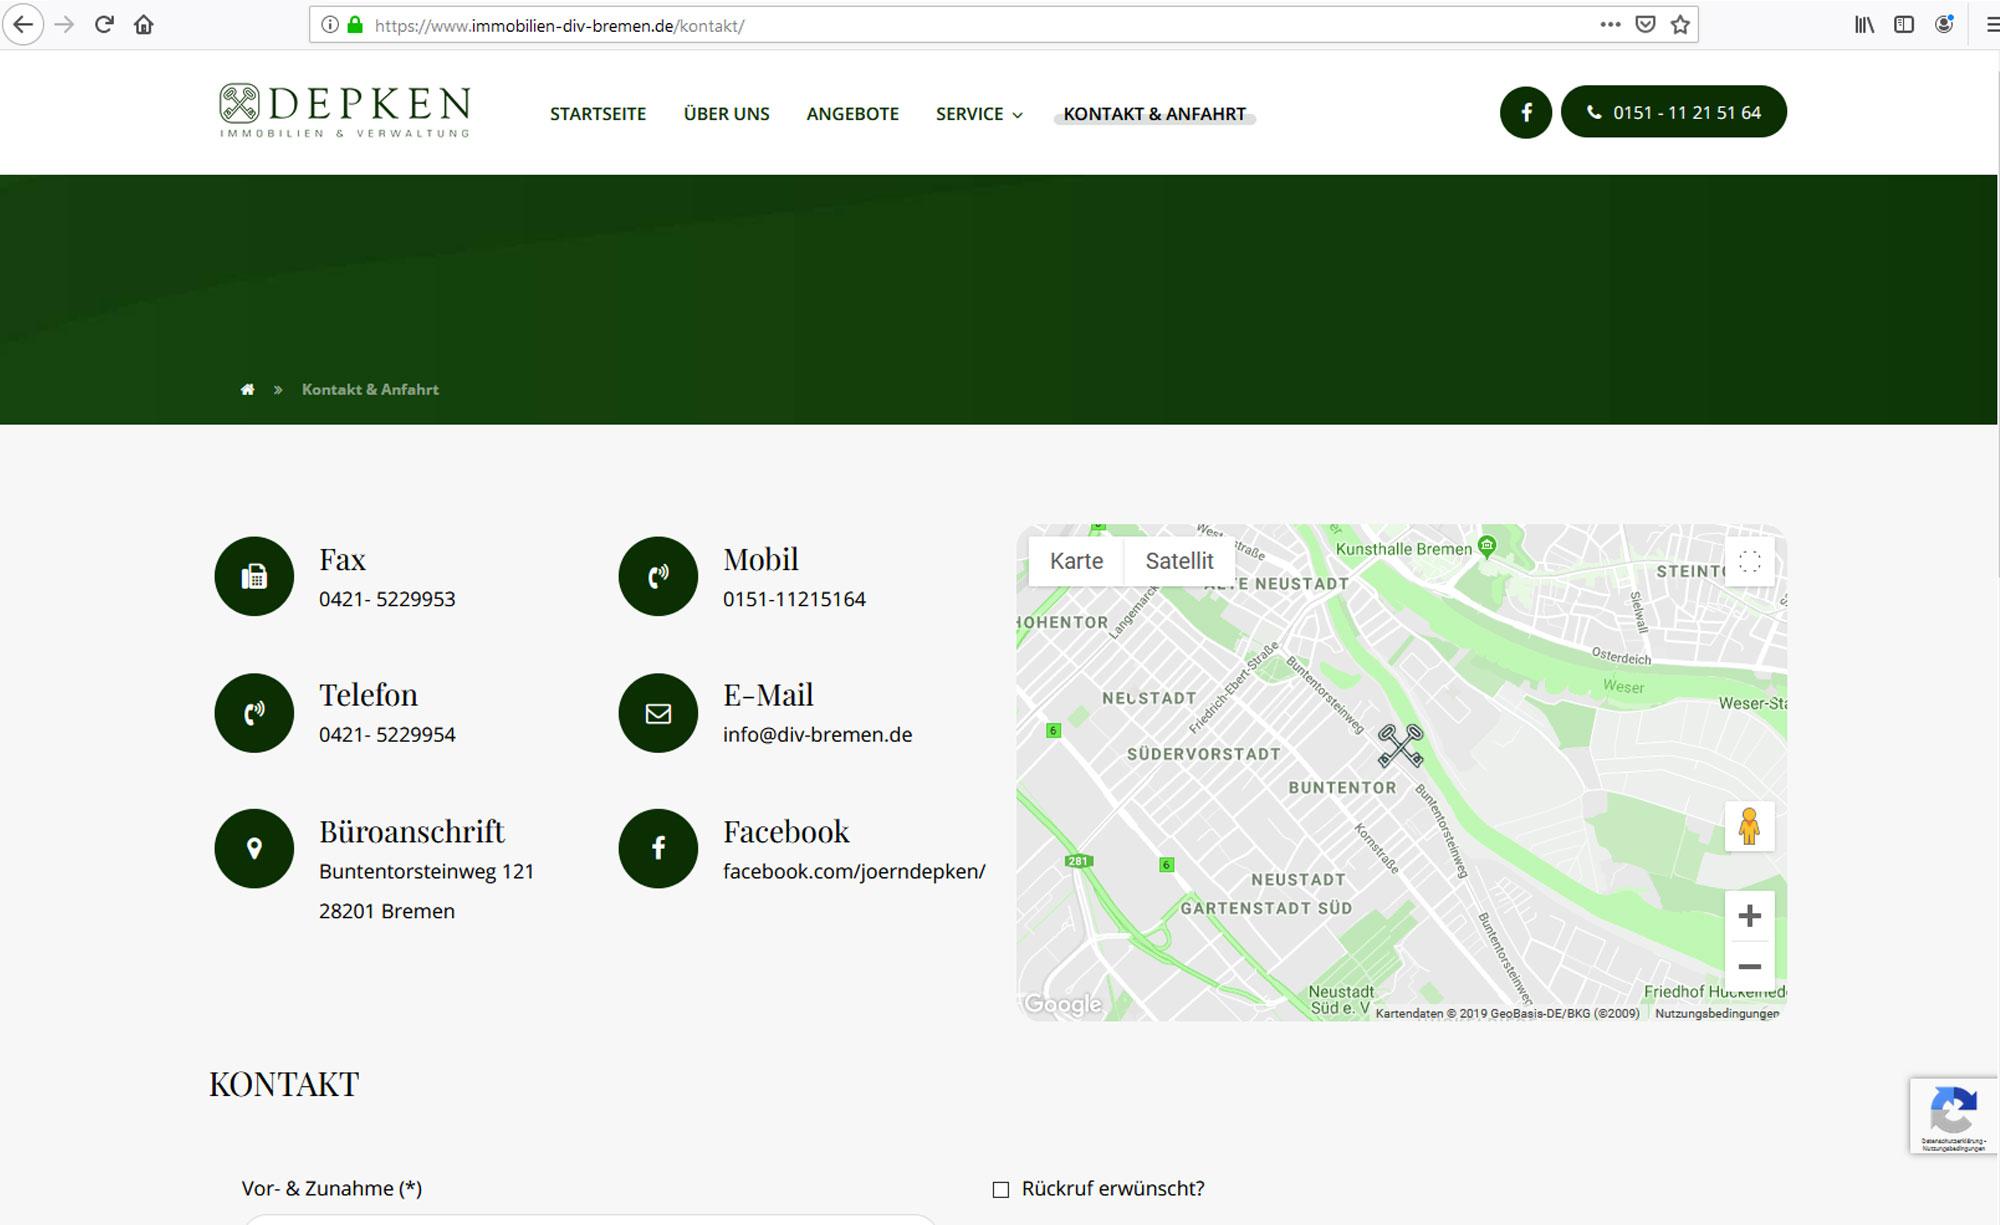 jung und billig werbeagentur depken 6 - Depken Immobilien & Verwaltung